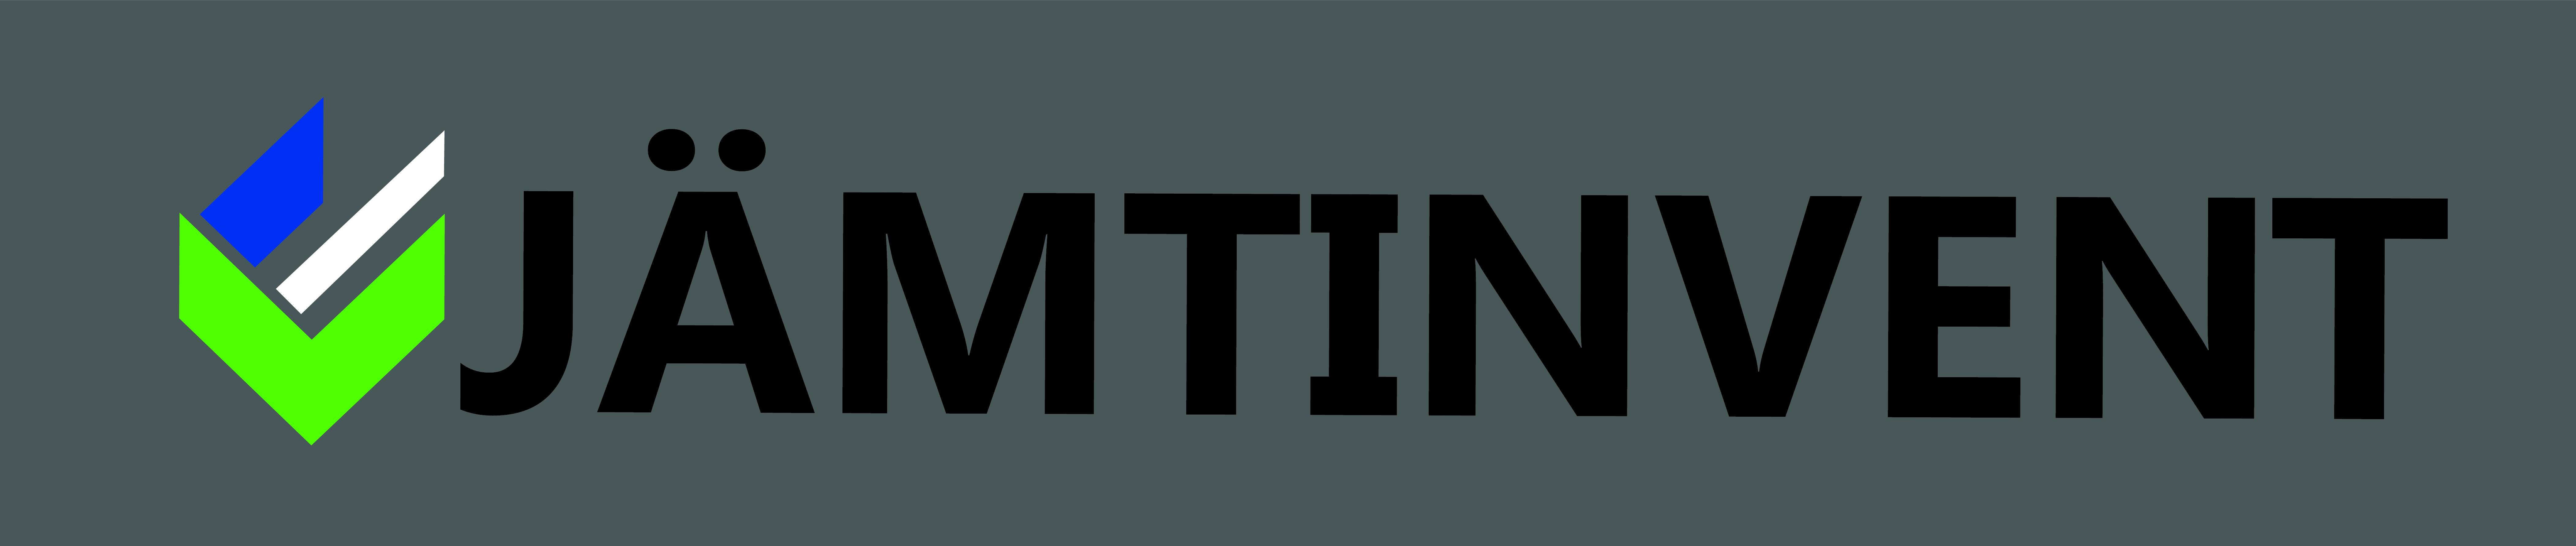 SpringSecure - JamtInvent